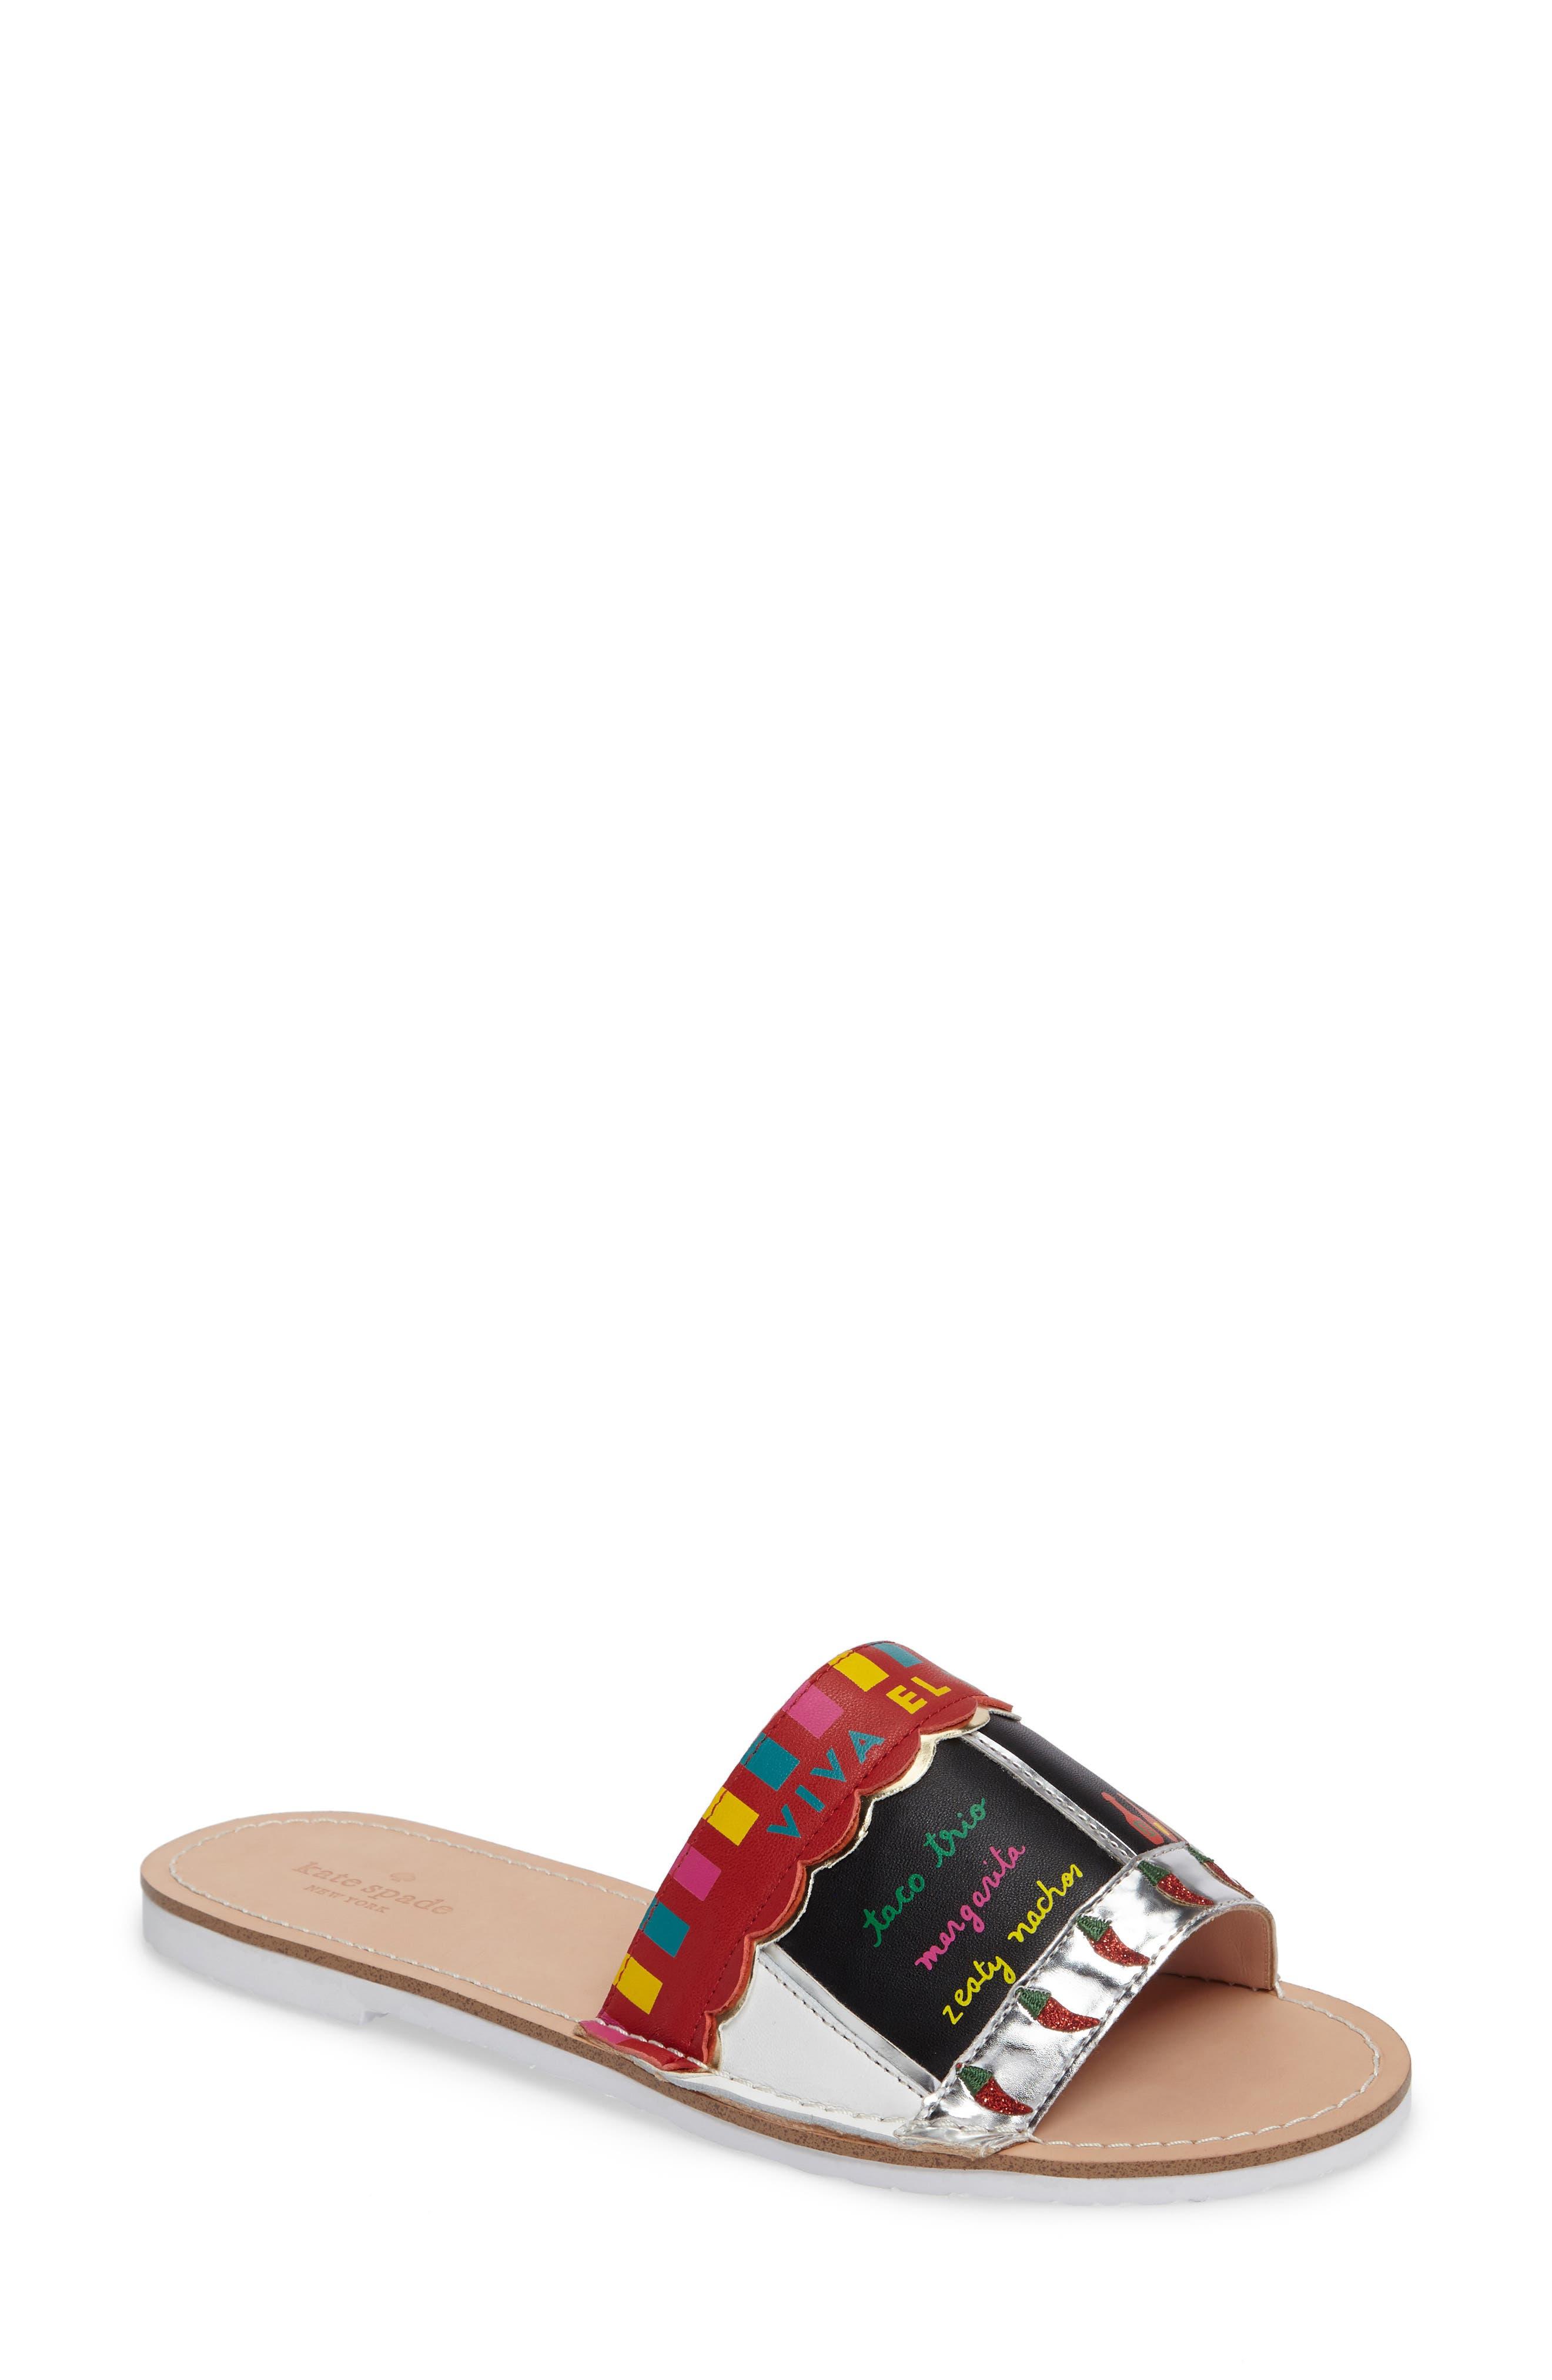 Alternate Image 1 Selected - kate spade new york illi slide sandal (Women)